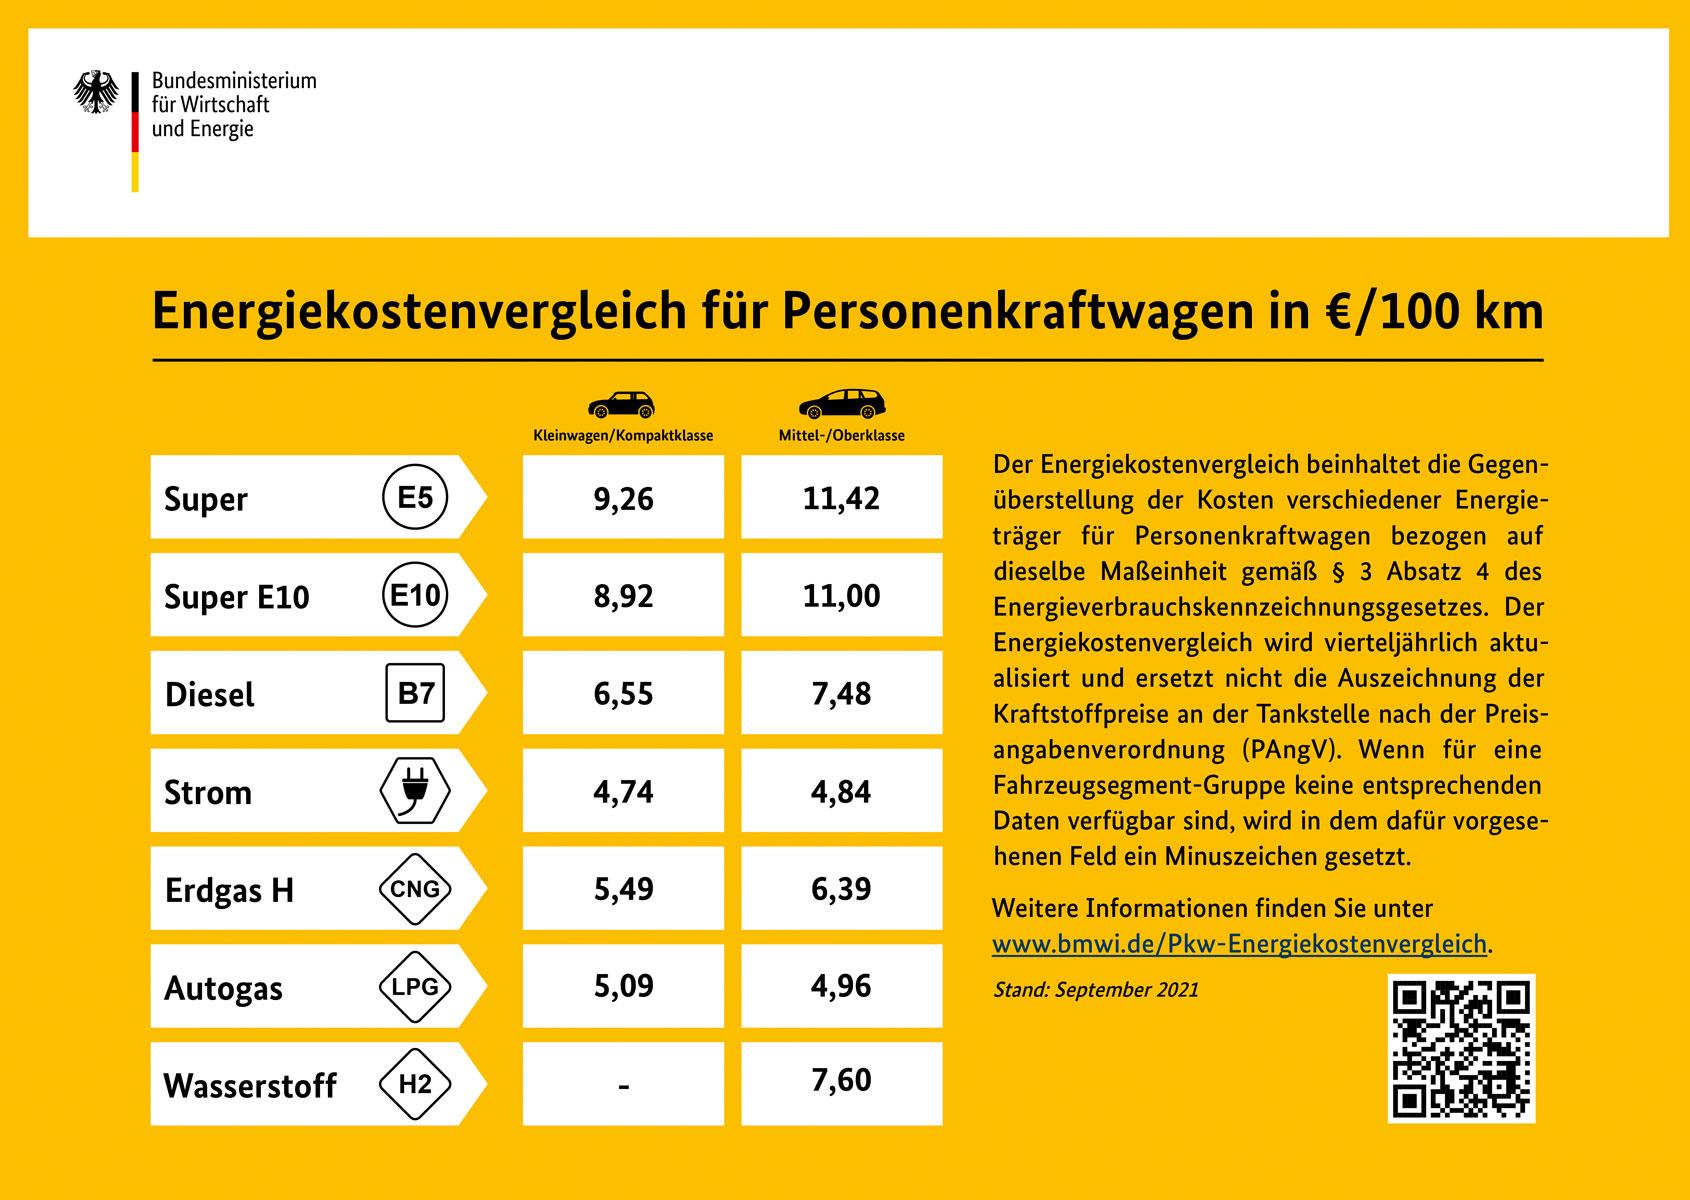 Energiekostenvergleich-fuer-Pkw